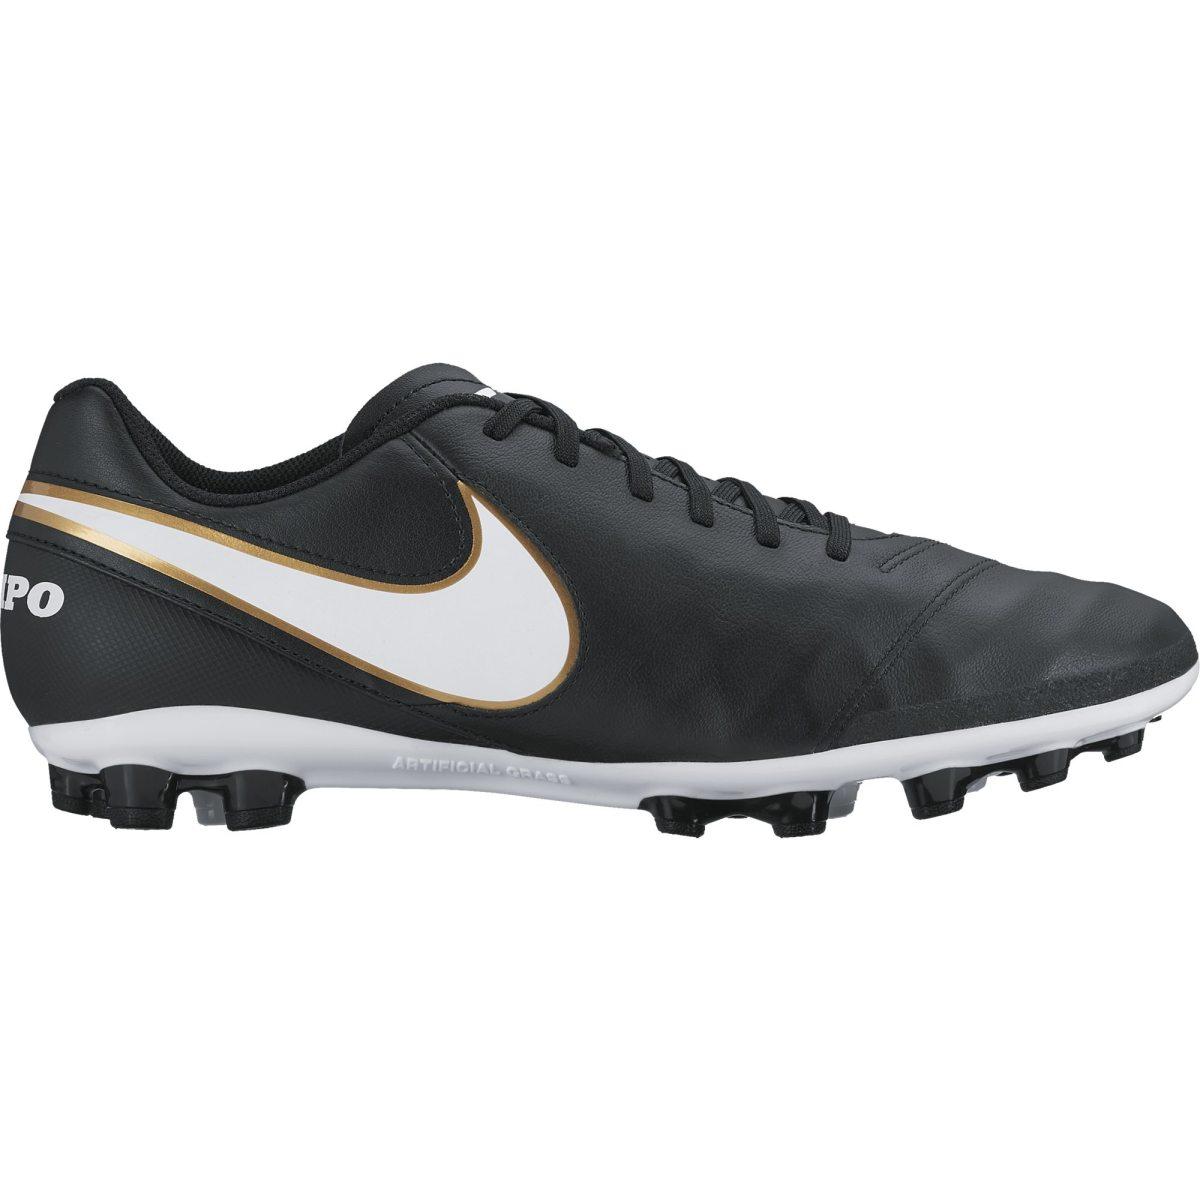 buy popular 95fb1 67f81 nike tiempo genio ii leather ag r q2 16 fotbollssko senior fotbollsskor